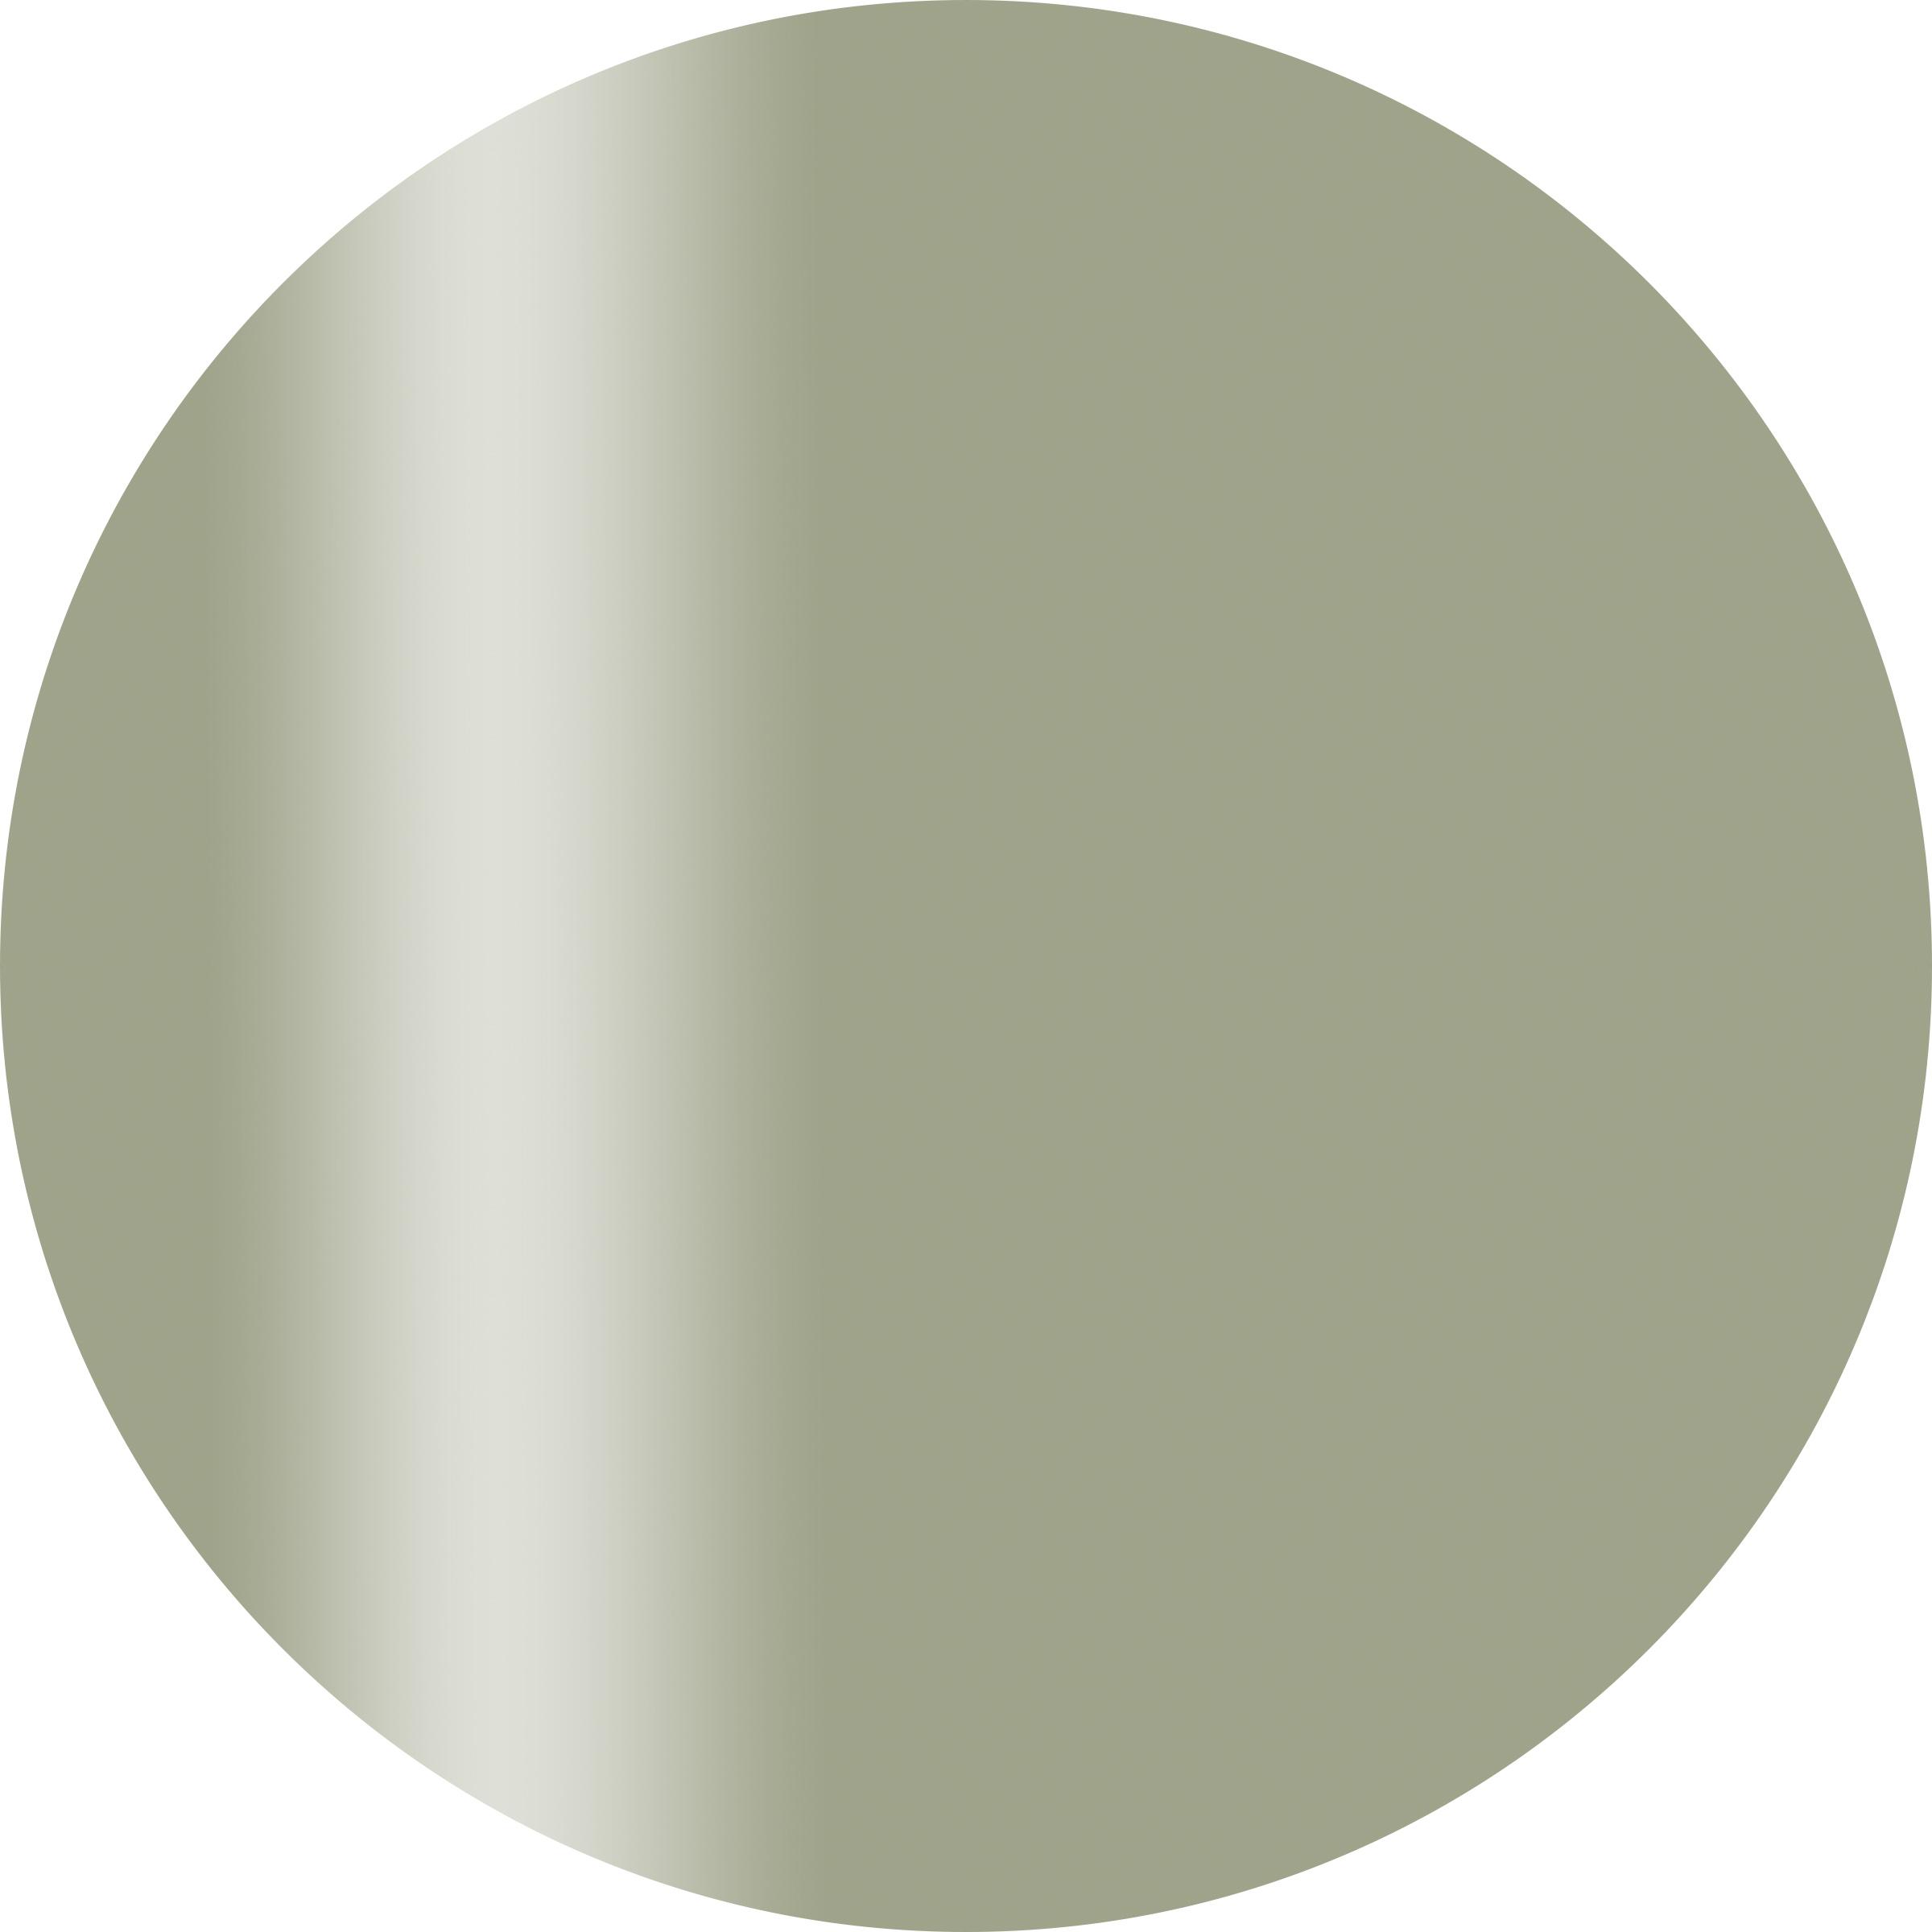 CGM08GR カラーカルジェル プラス グレイッシュリーフ 2.5g